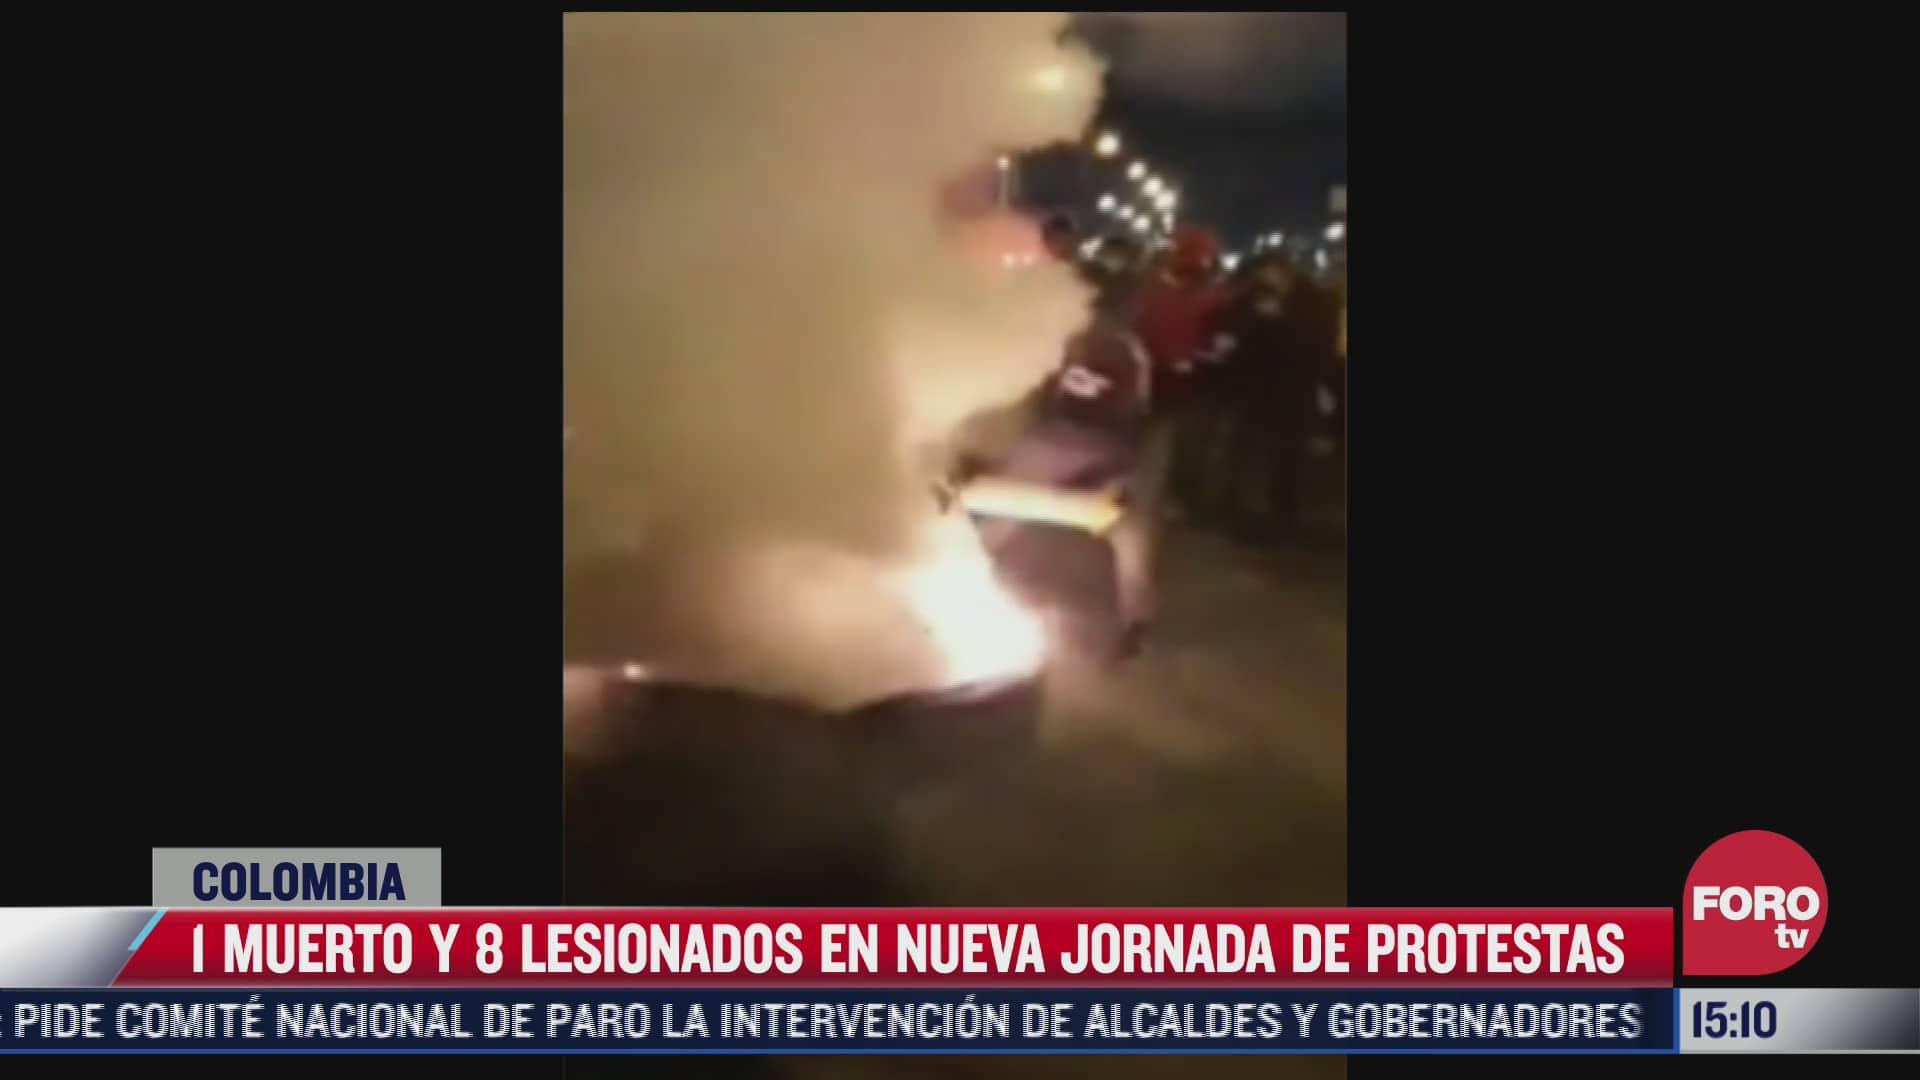 1 muerto y 8 lesionados en jornada de protestas en colombia